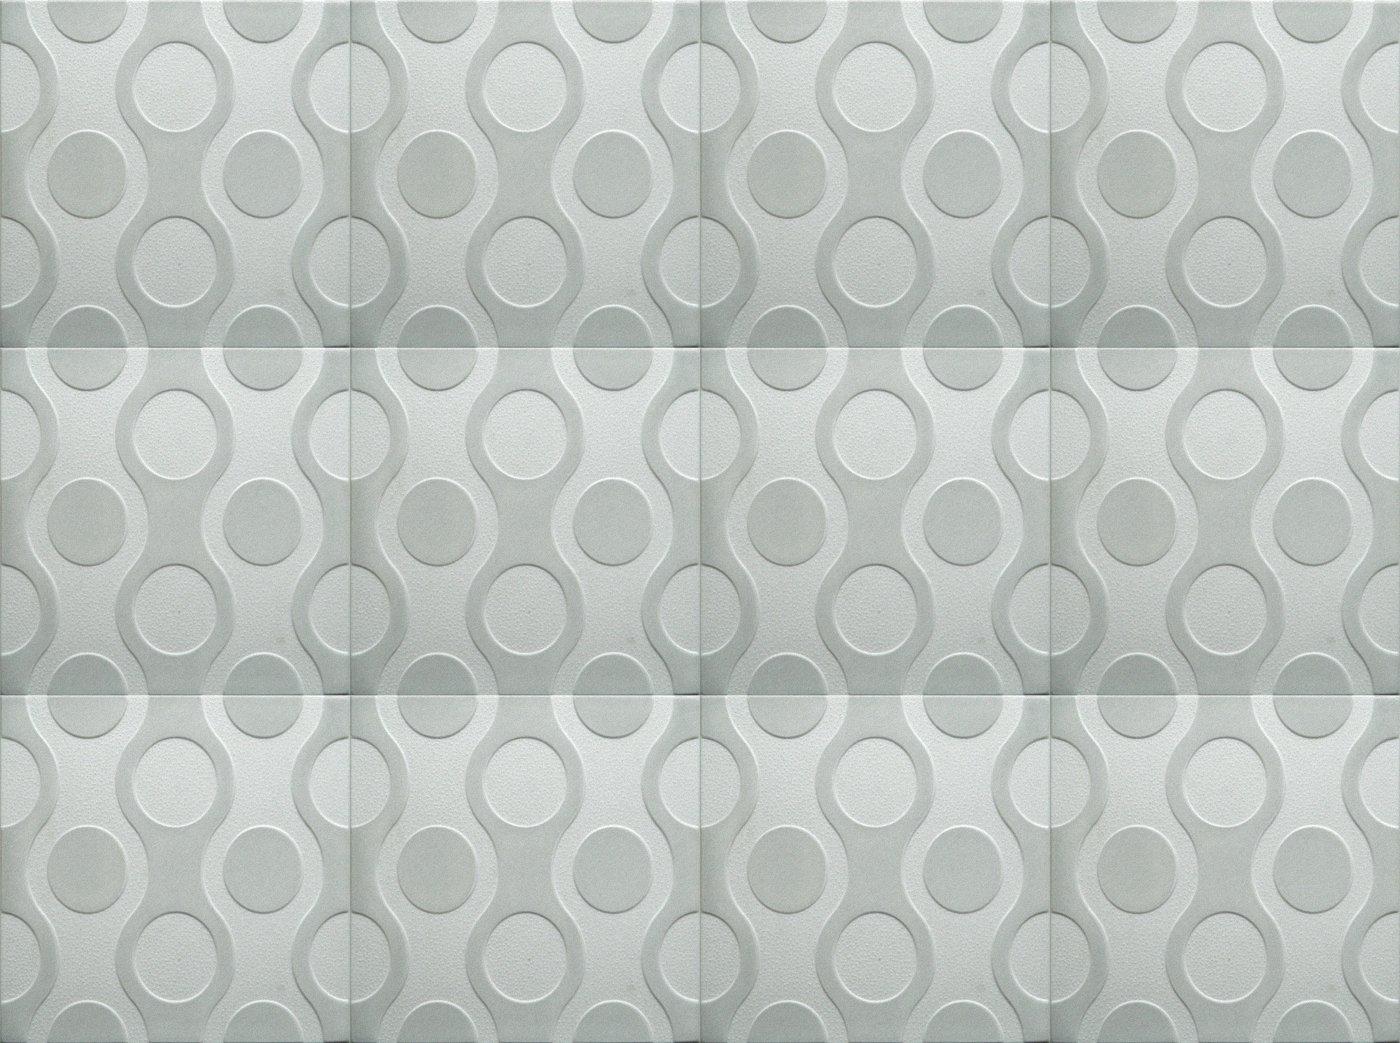 multicolor Poliestireno de pared decorativos paneles de techo azulejos Breez G 500 x 500 mm